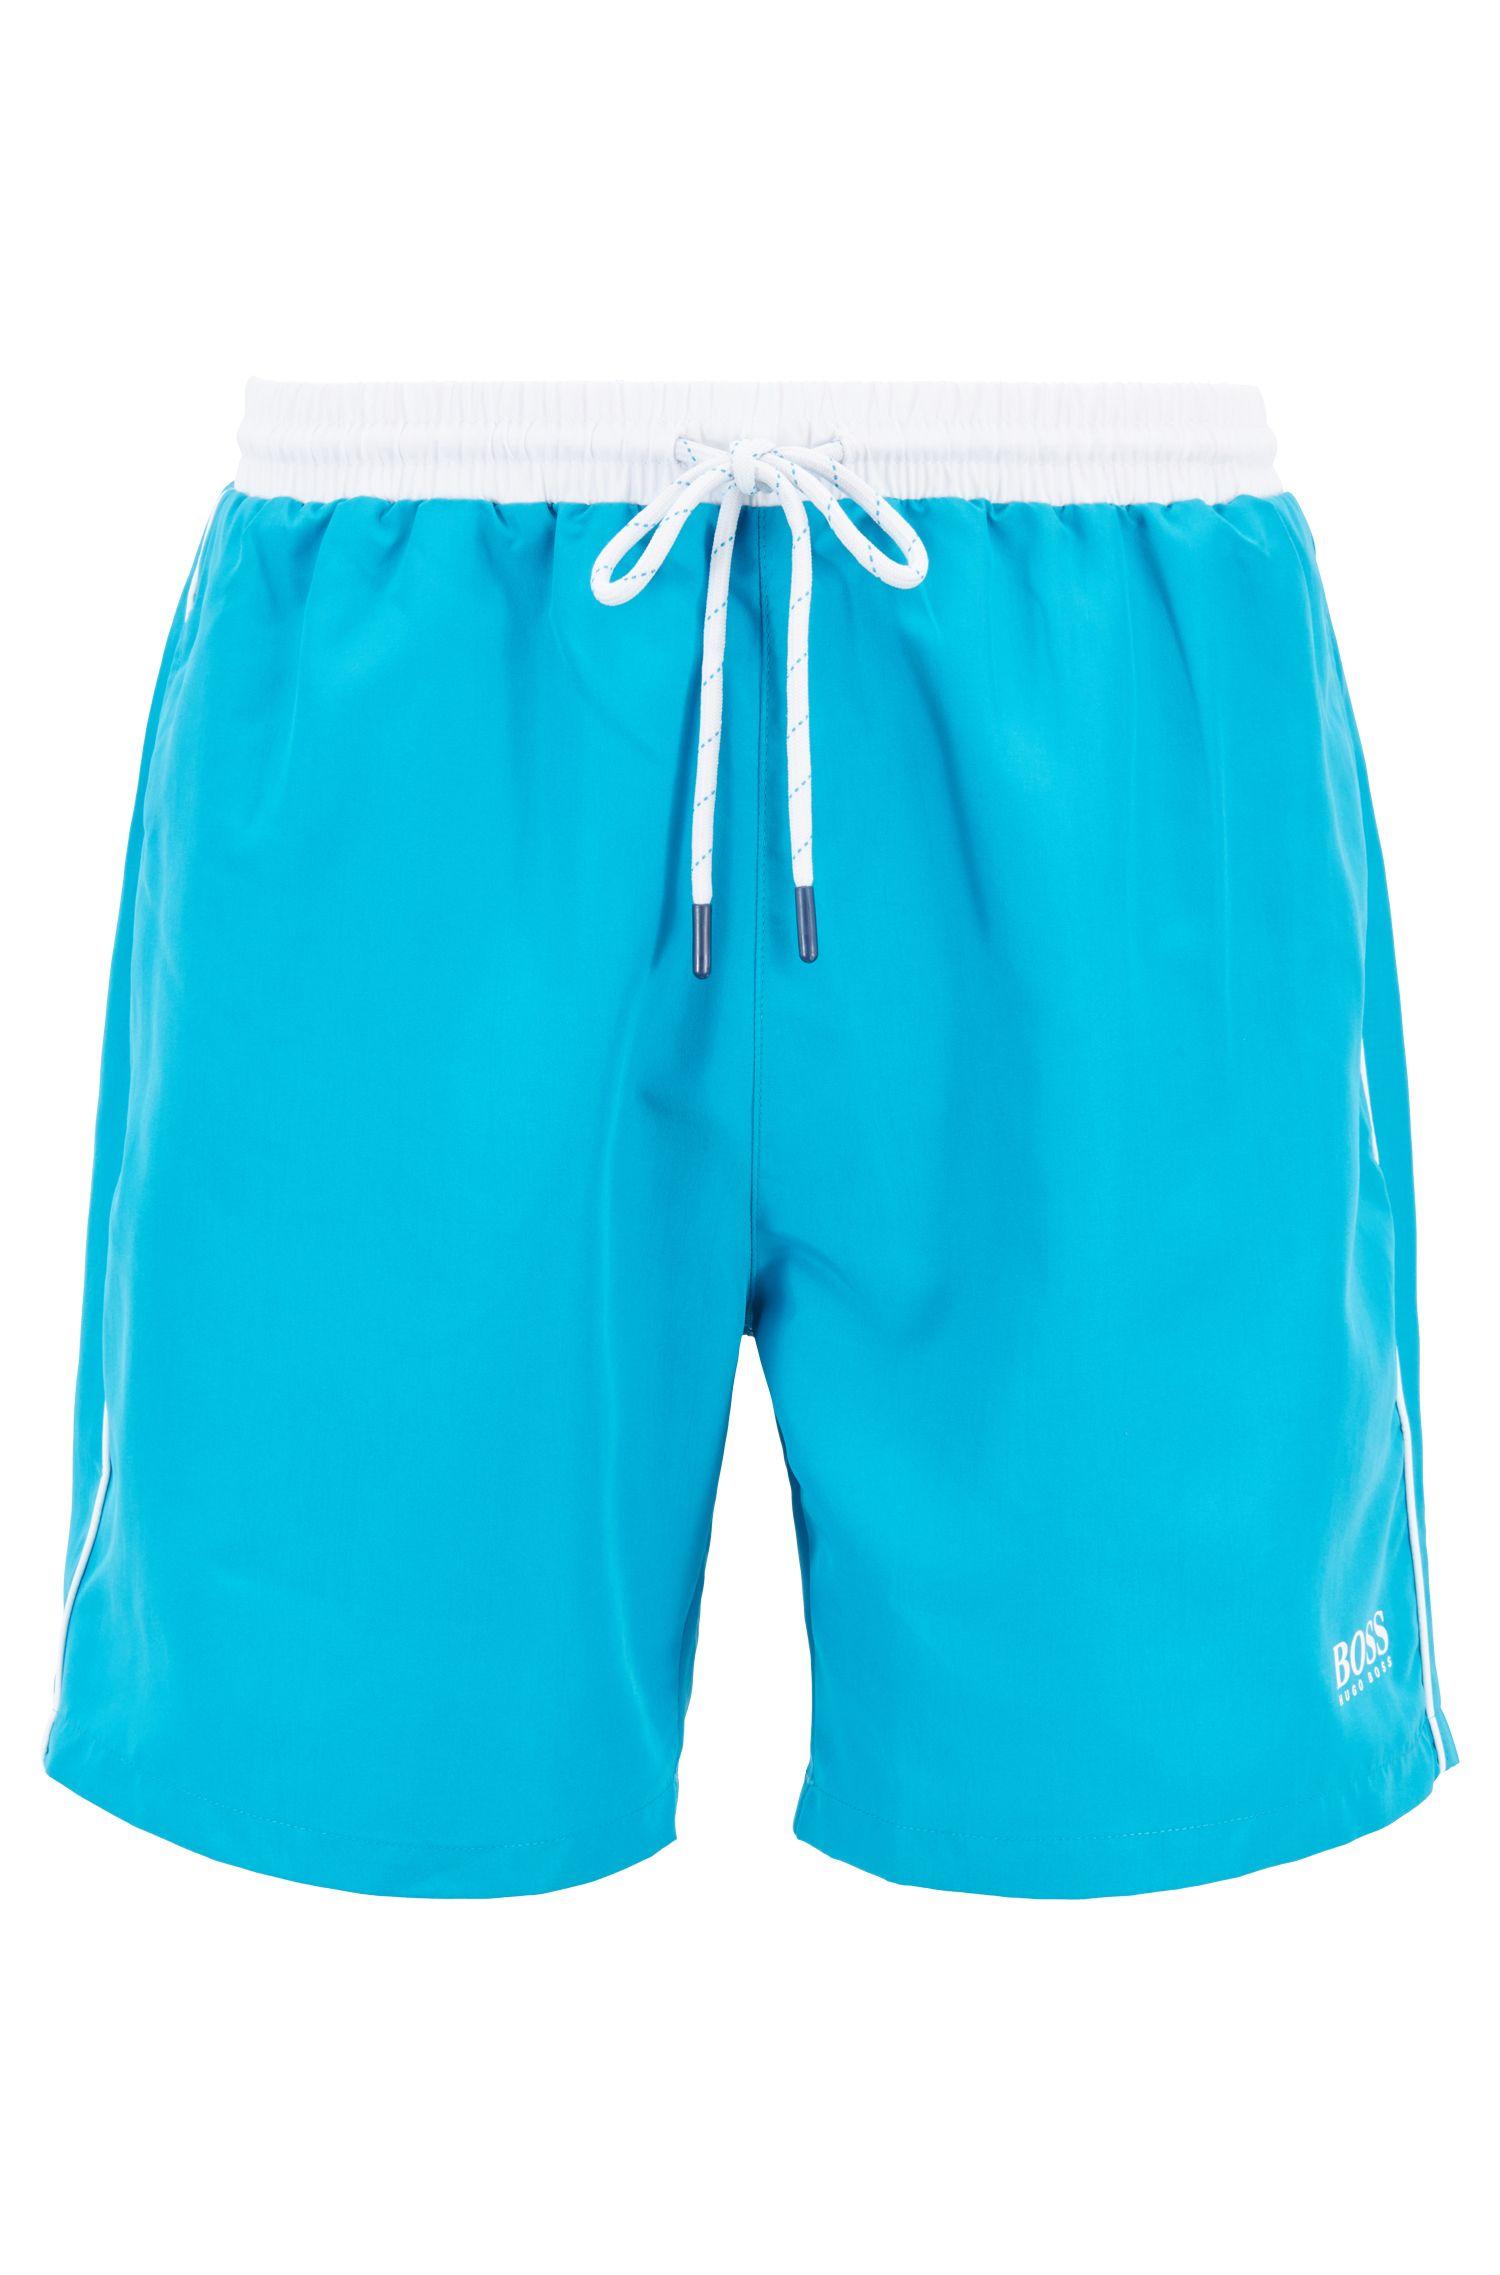 Short de bain de longueur moyenne en tissu à séchage rapide, Turquoise